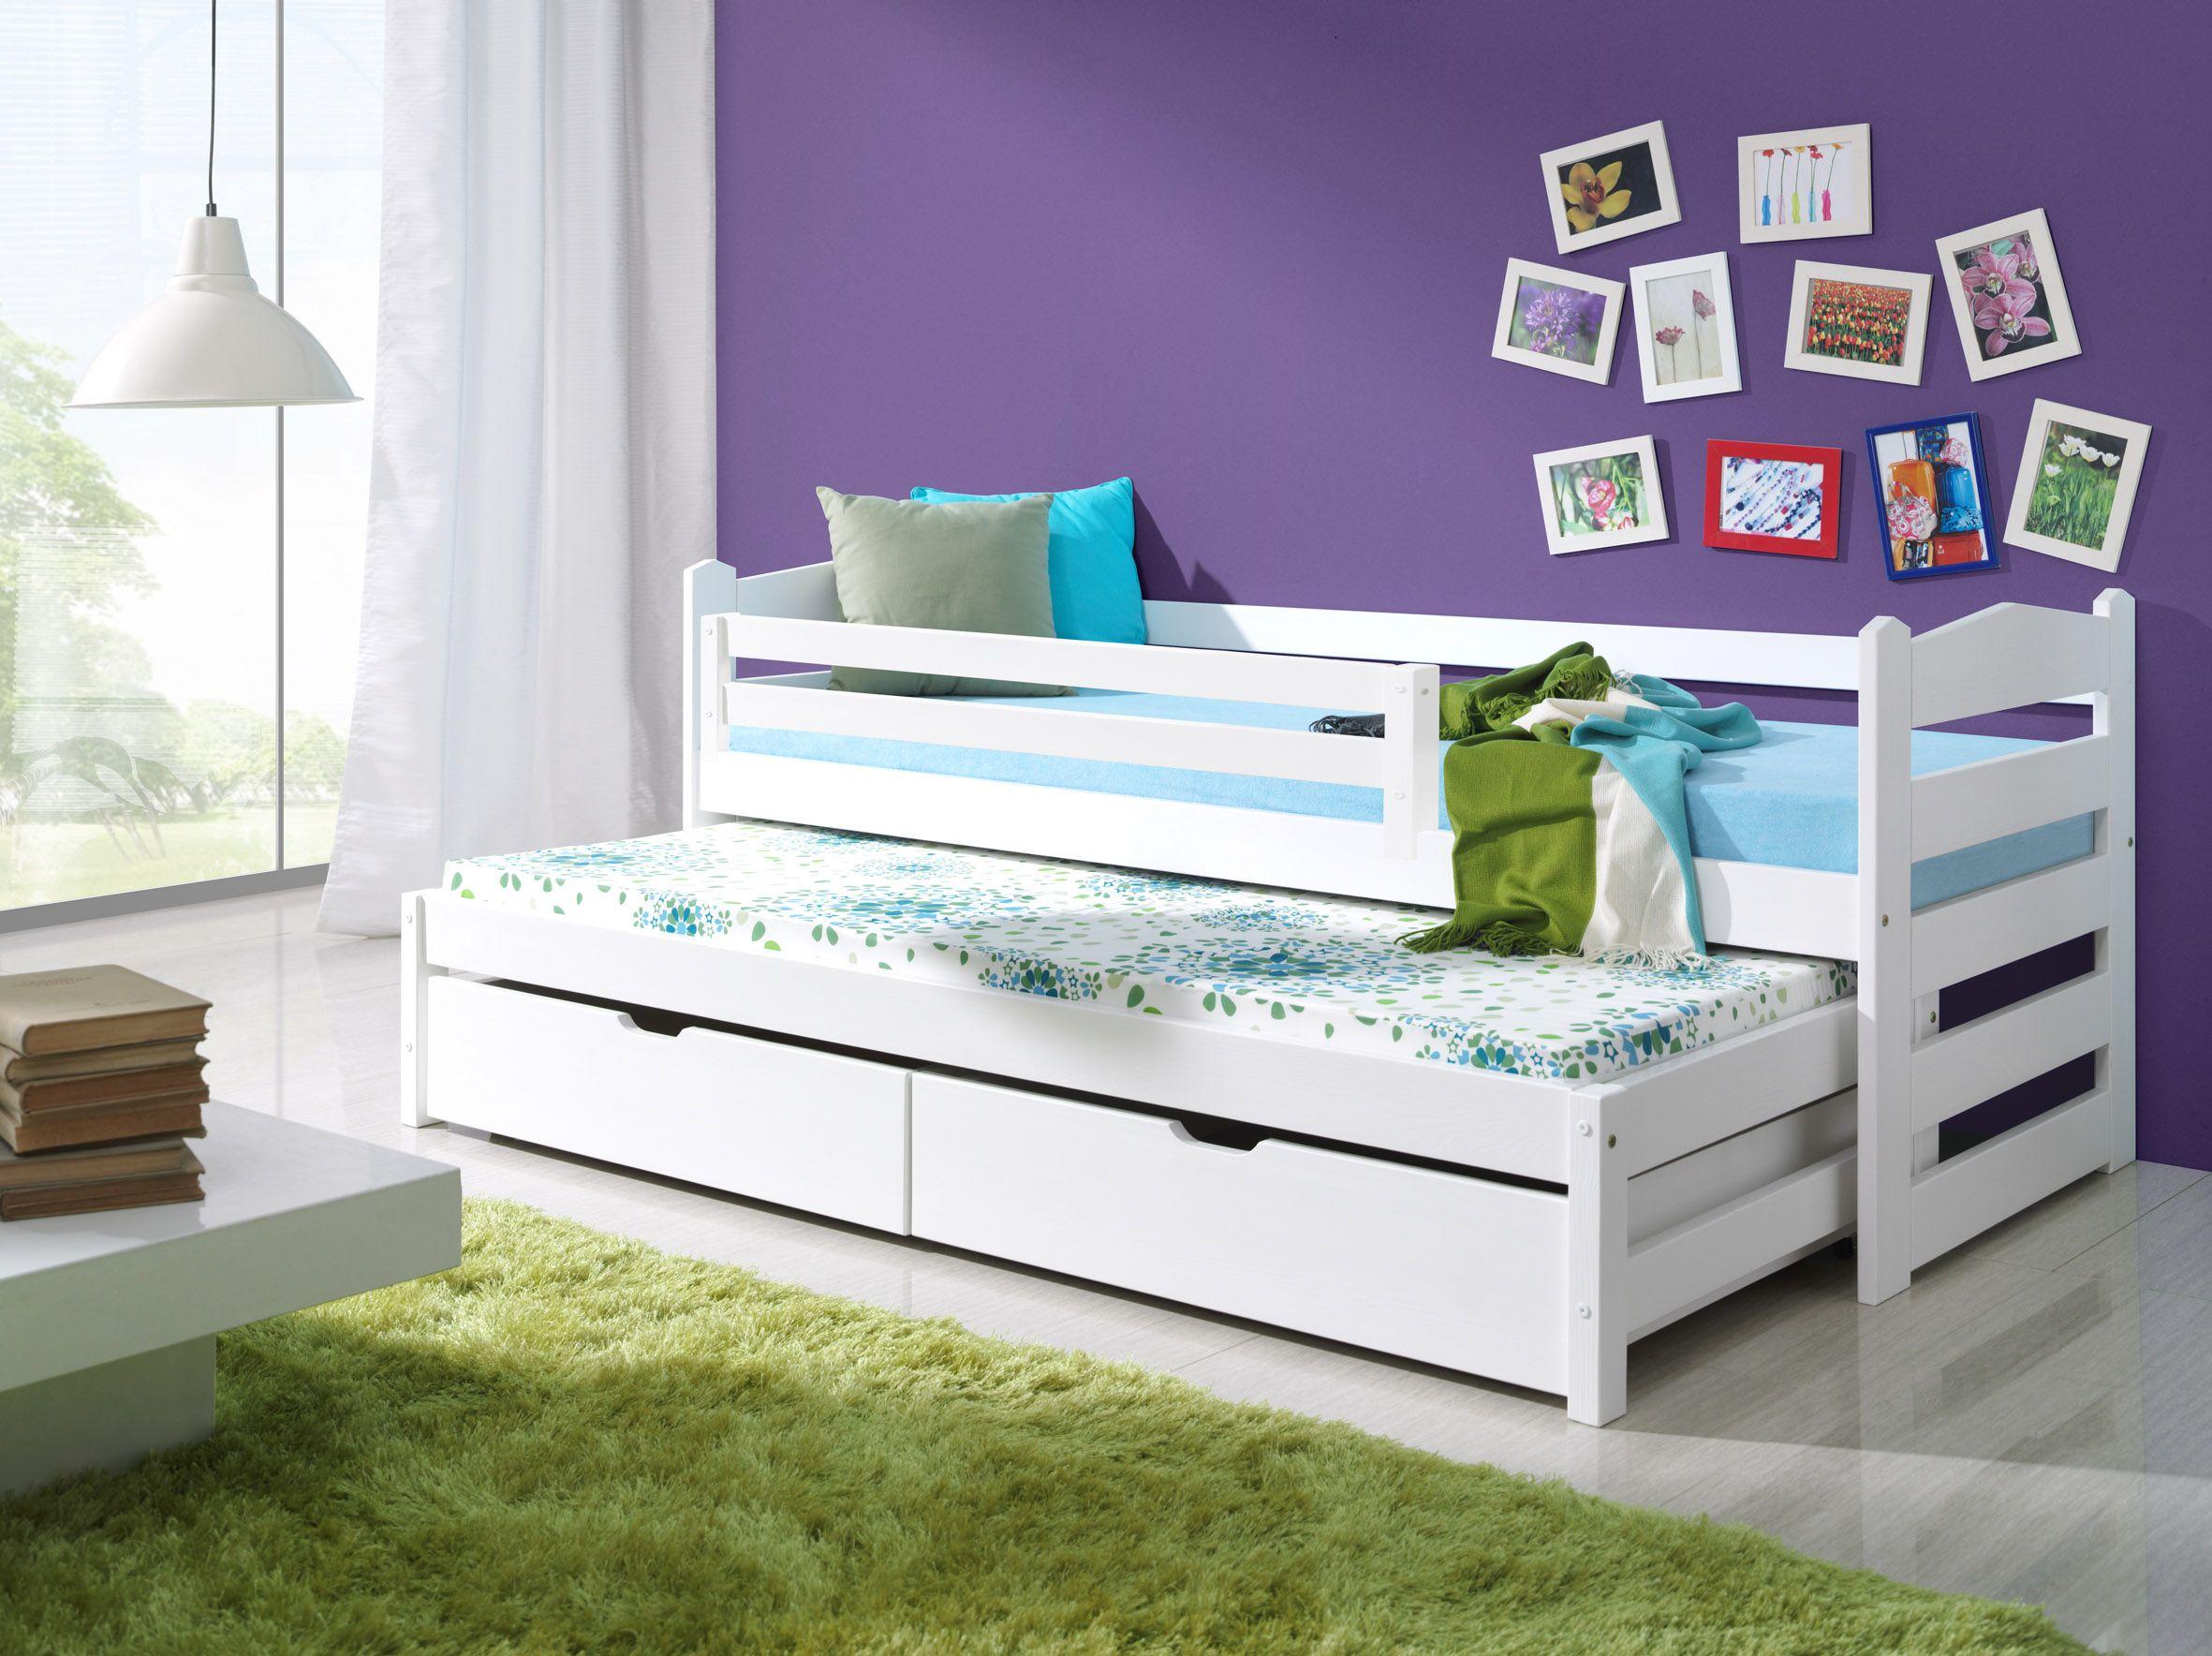 субъективный выдвижная кровать для двух деток фото поклонялись